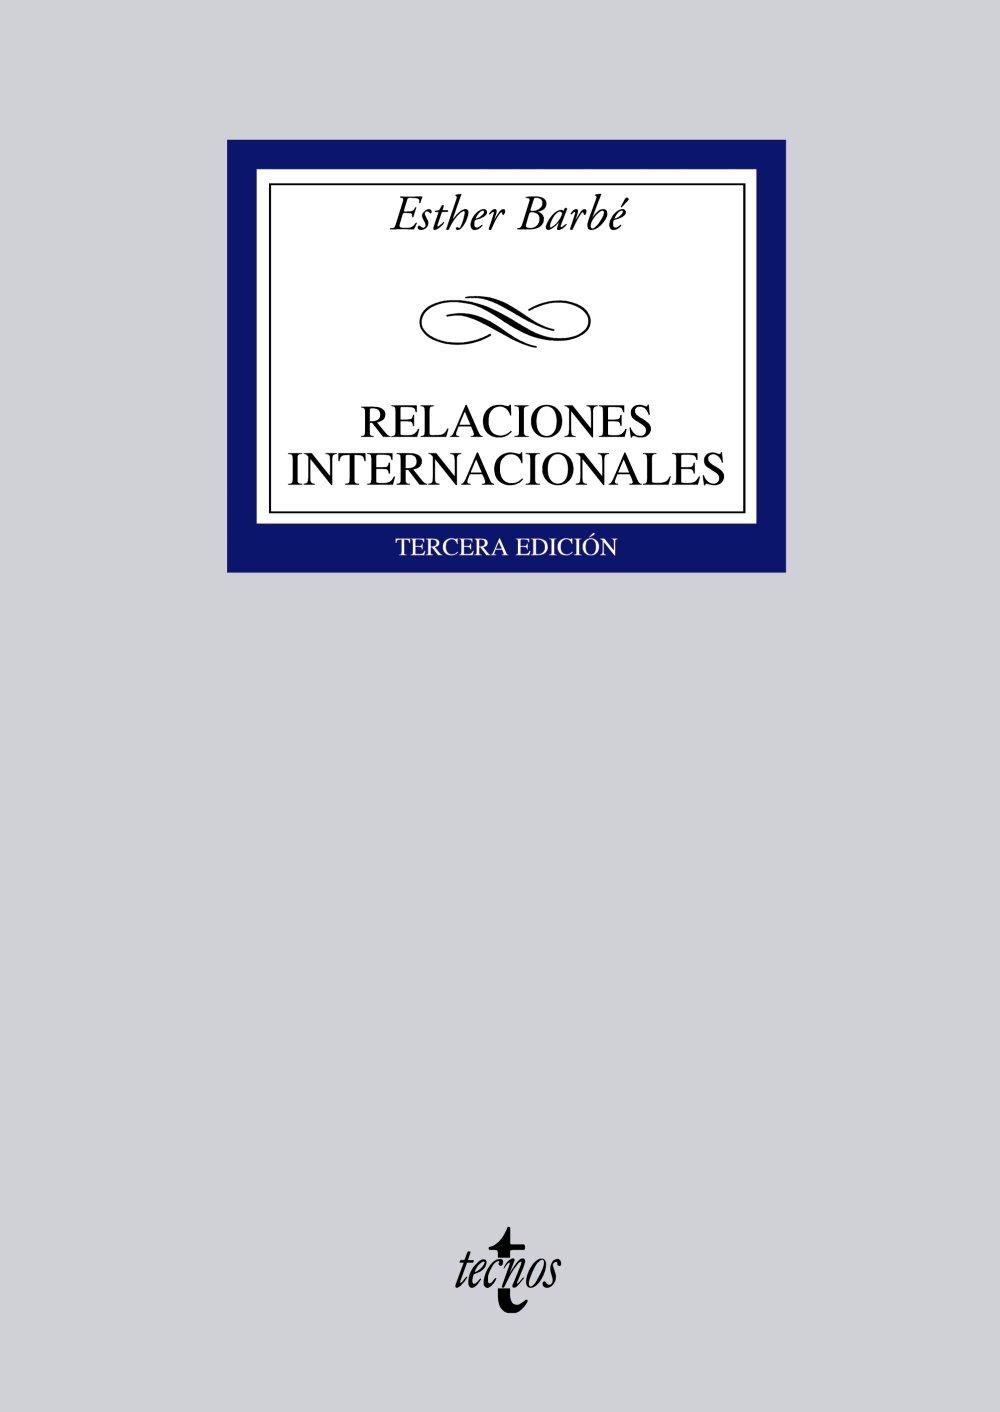 Relaciones internacionales (Derecho - Biblioteca Universitaria De Editorial Tecnos) Tapa blanda – 3 sep 2007 Esther Barbé 8430945539 JP189384 International